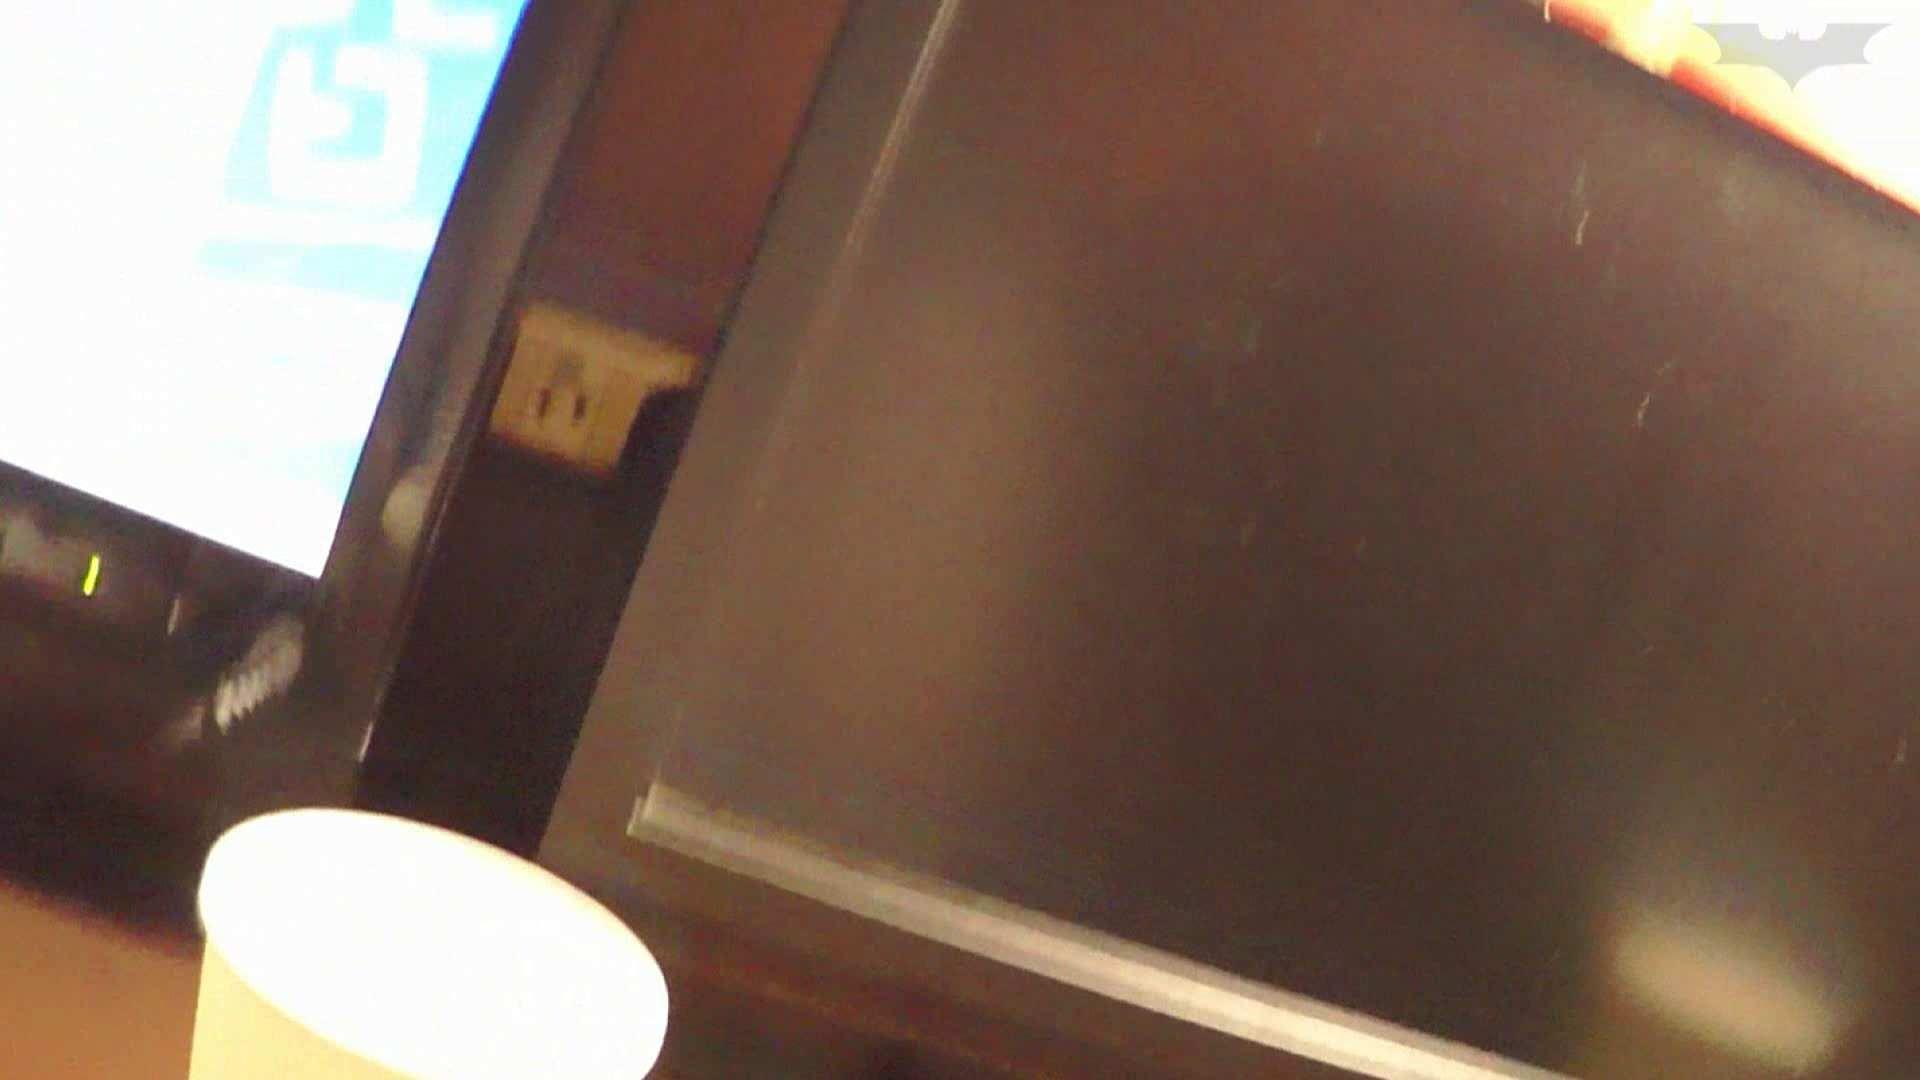 悪戯ネットカフェ Vol.07 魔法をかけて開いてみれば紐?? エッチなお姉さん ワレメ動画紹介 78画像 2